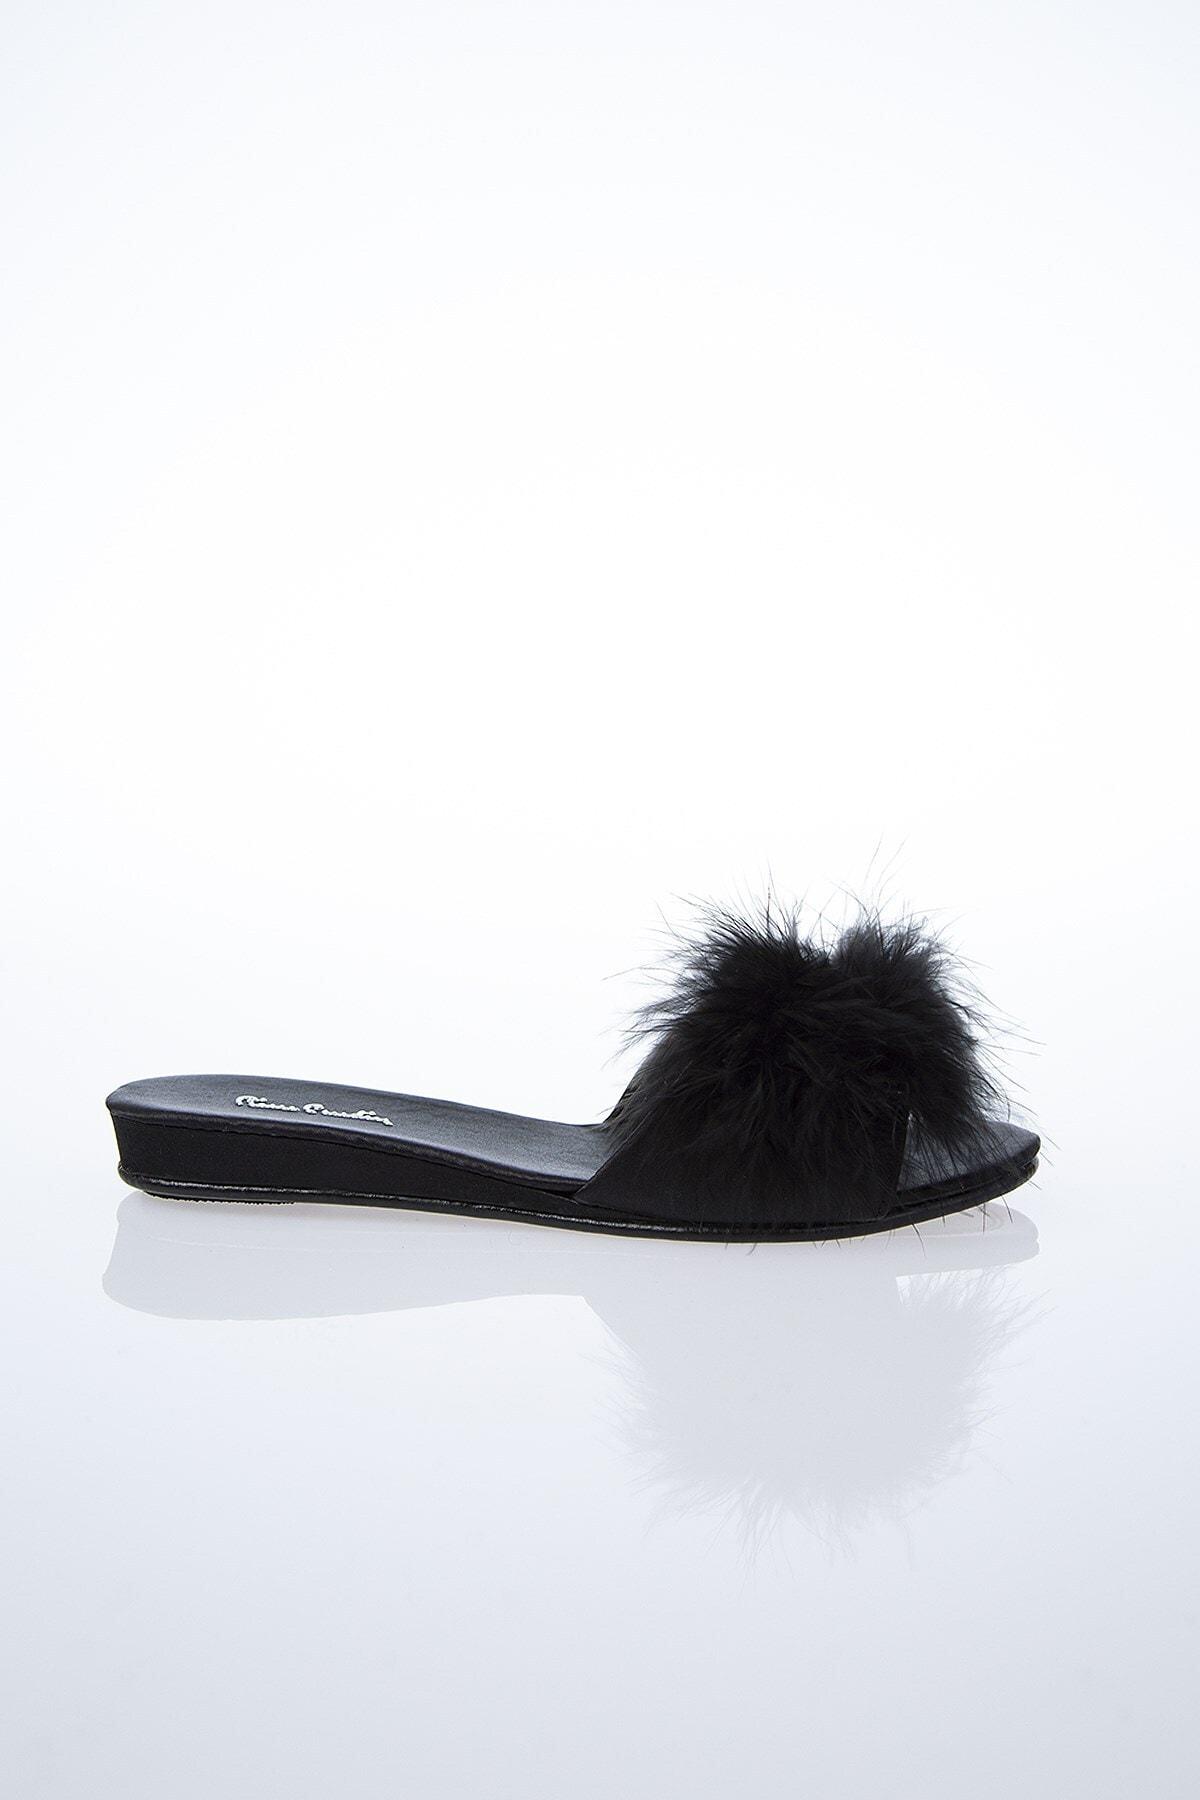 Pierre Cardin Kadın Siyah Terlik Pc-0015 1